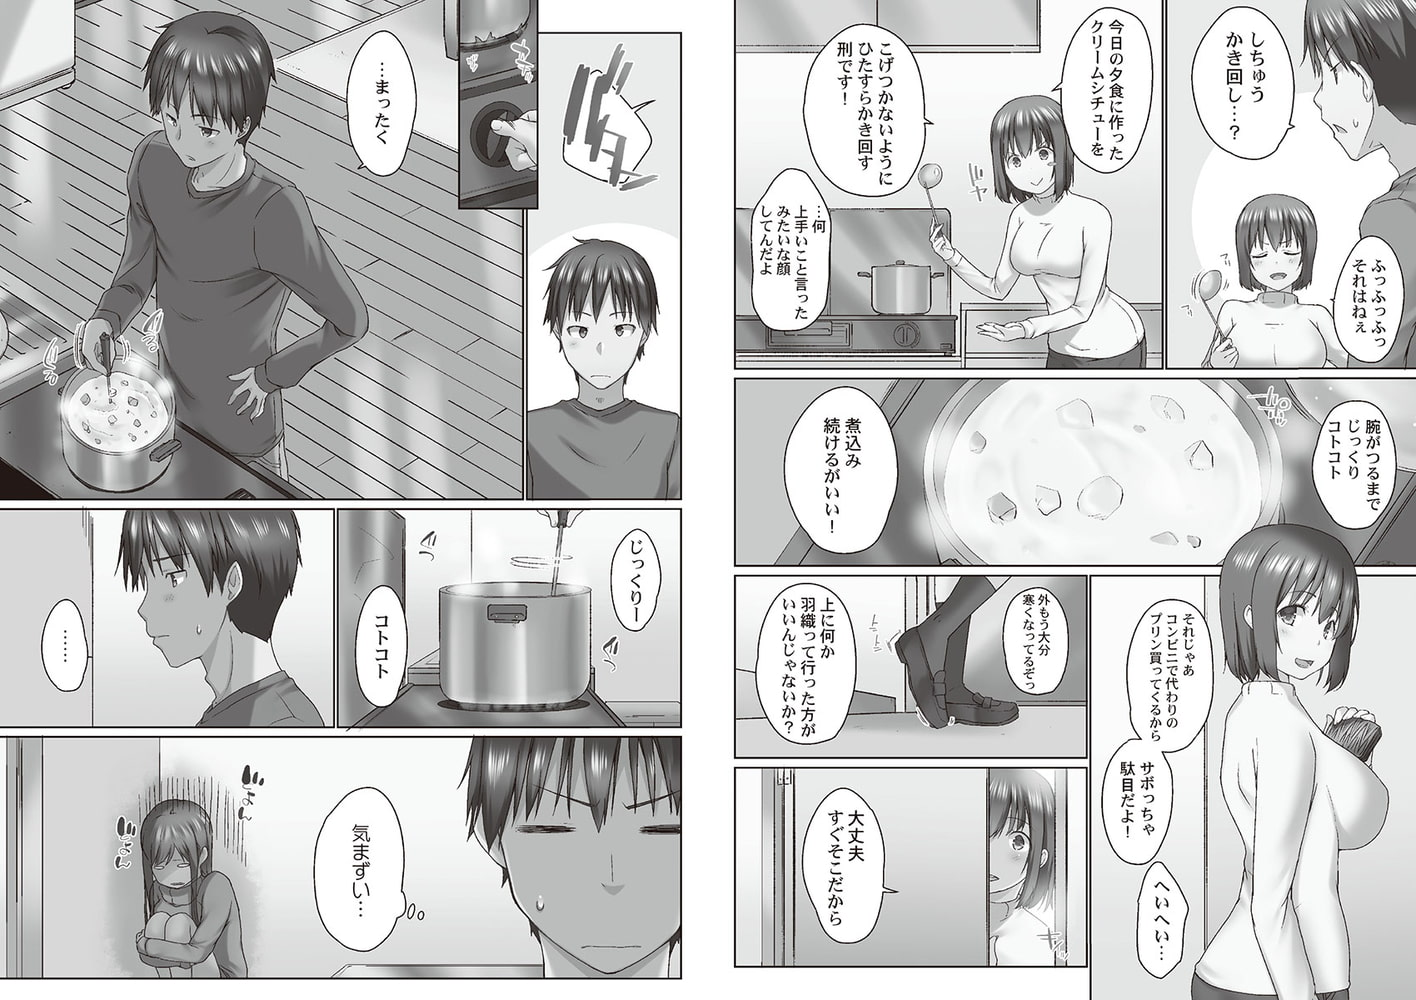 おーばーふろぉ~とある兄妹の禁断性交~【単行本版】 2